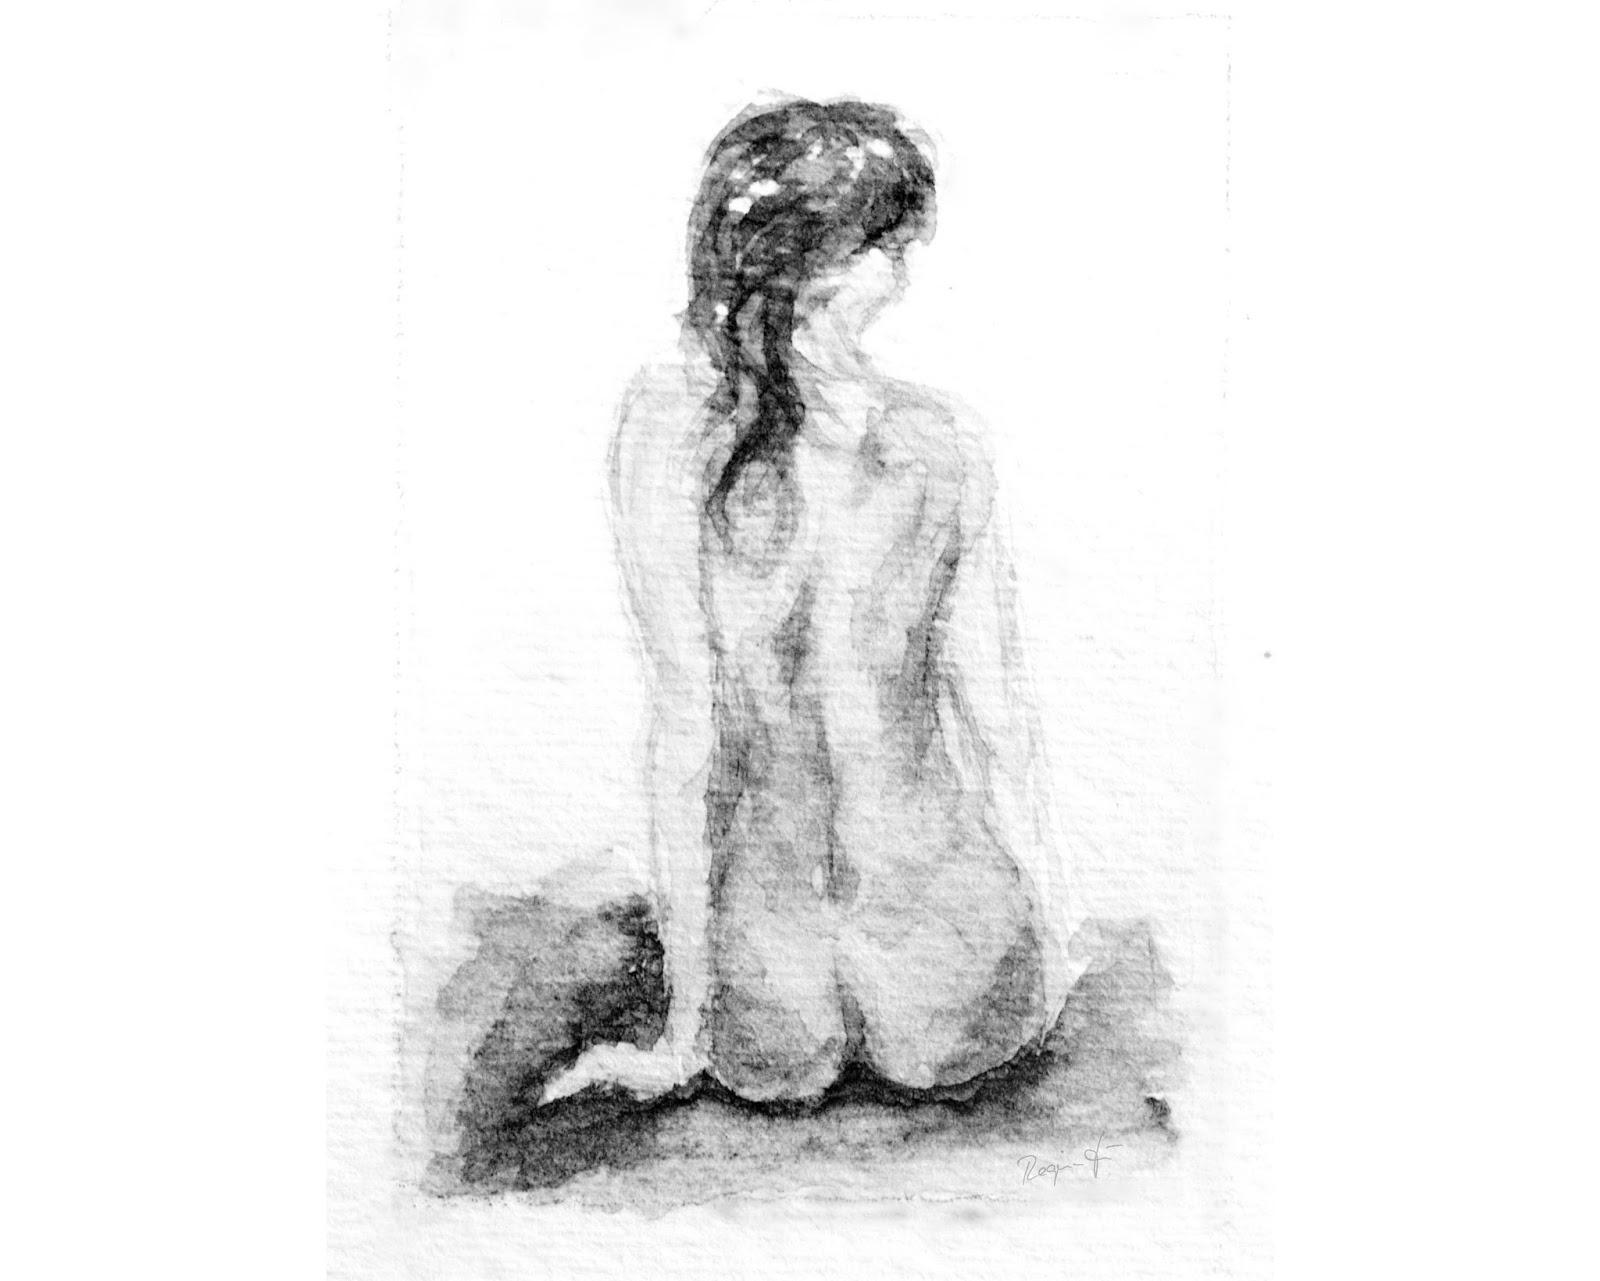 La Dame Drawing by Regina Hoer